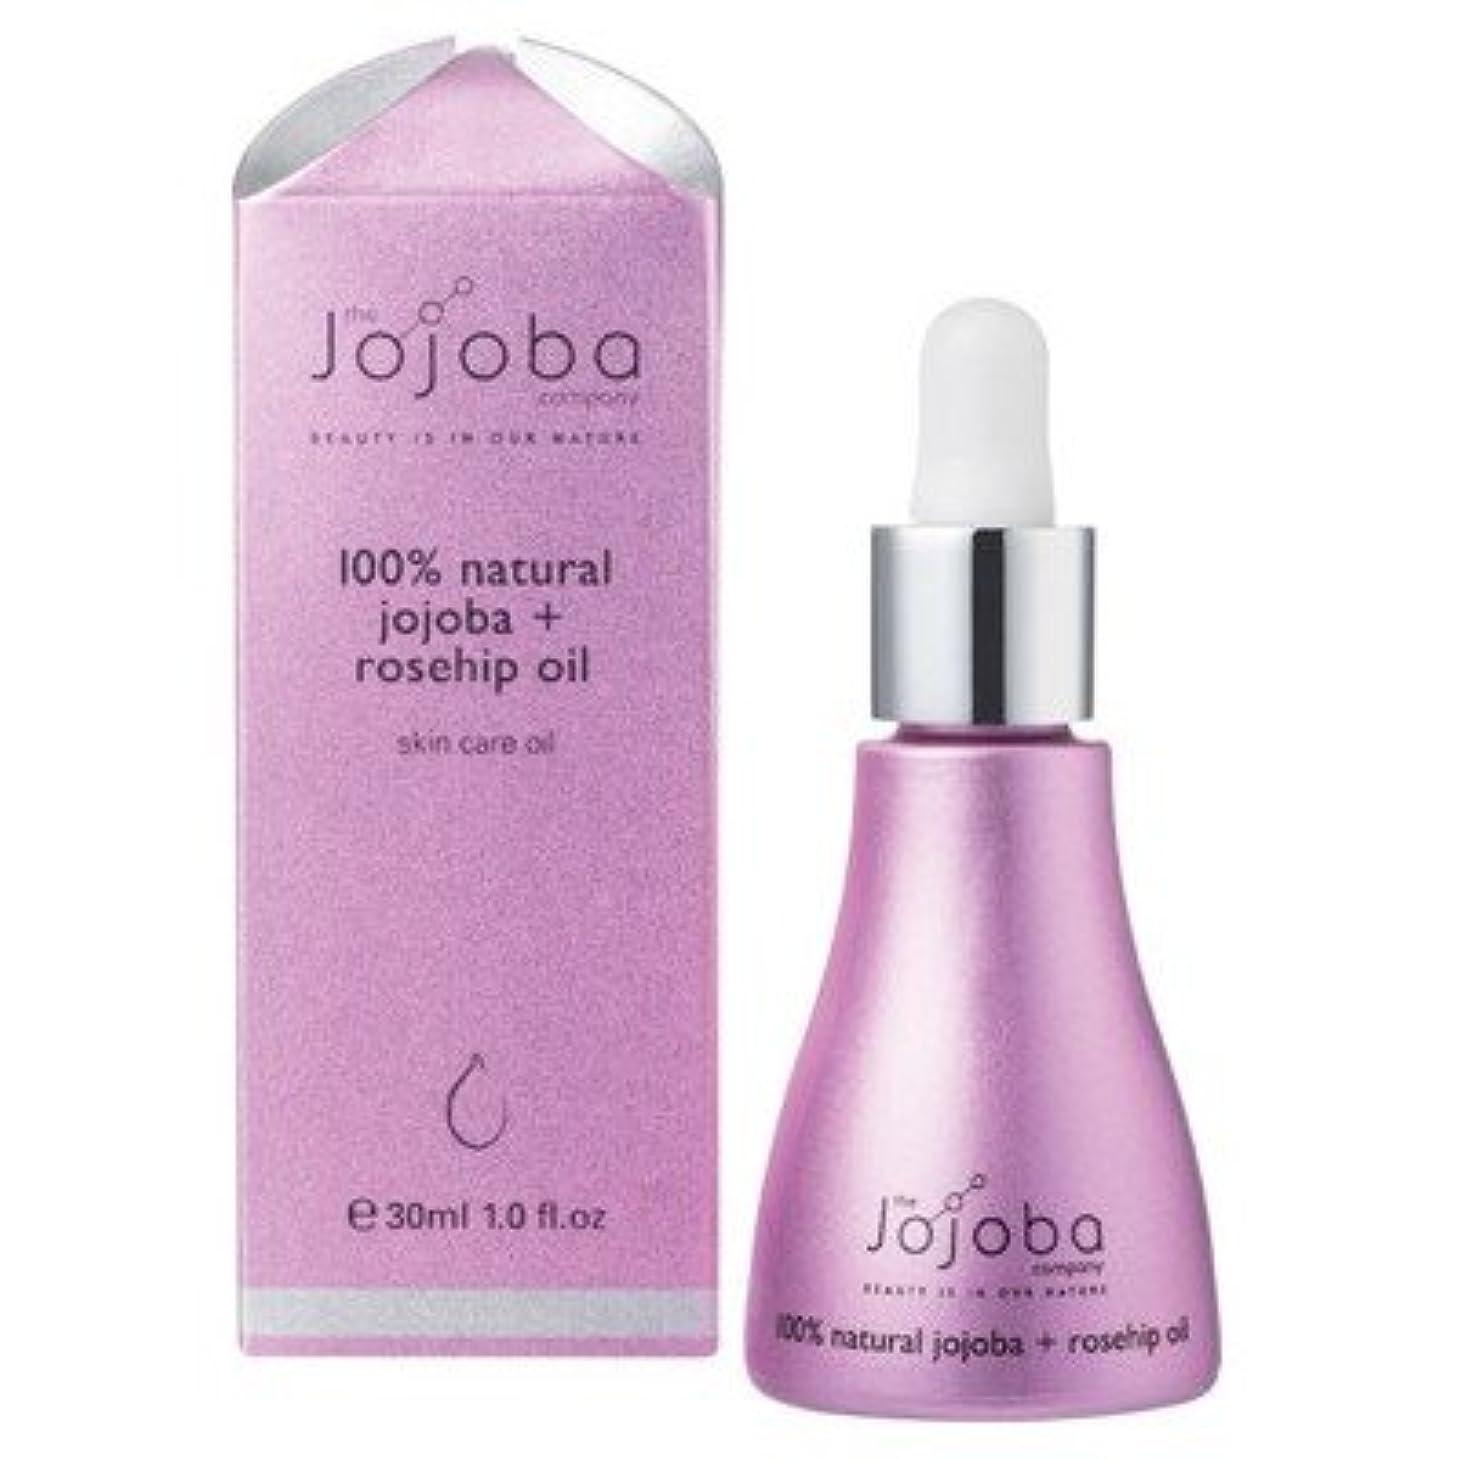 プレゼンテーション持ってるヒロインthe Jojoba Company 100% Natural Australian Jojoba Oil + Rosehip Oil ホホバ&ローズヒップブレンドオイル 30ml [海外直送品]